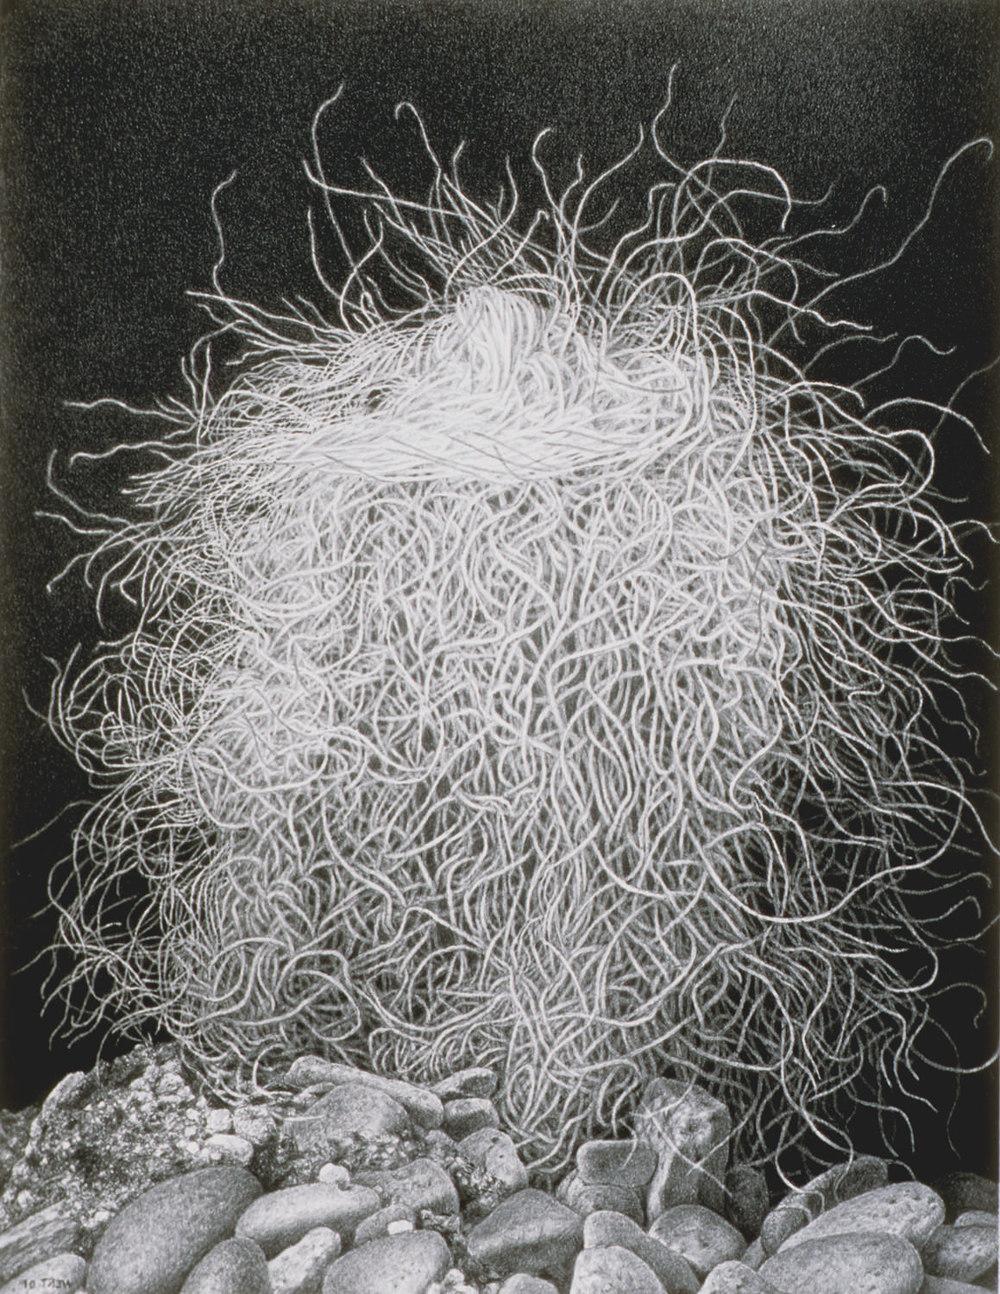 Hairy, 2002